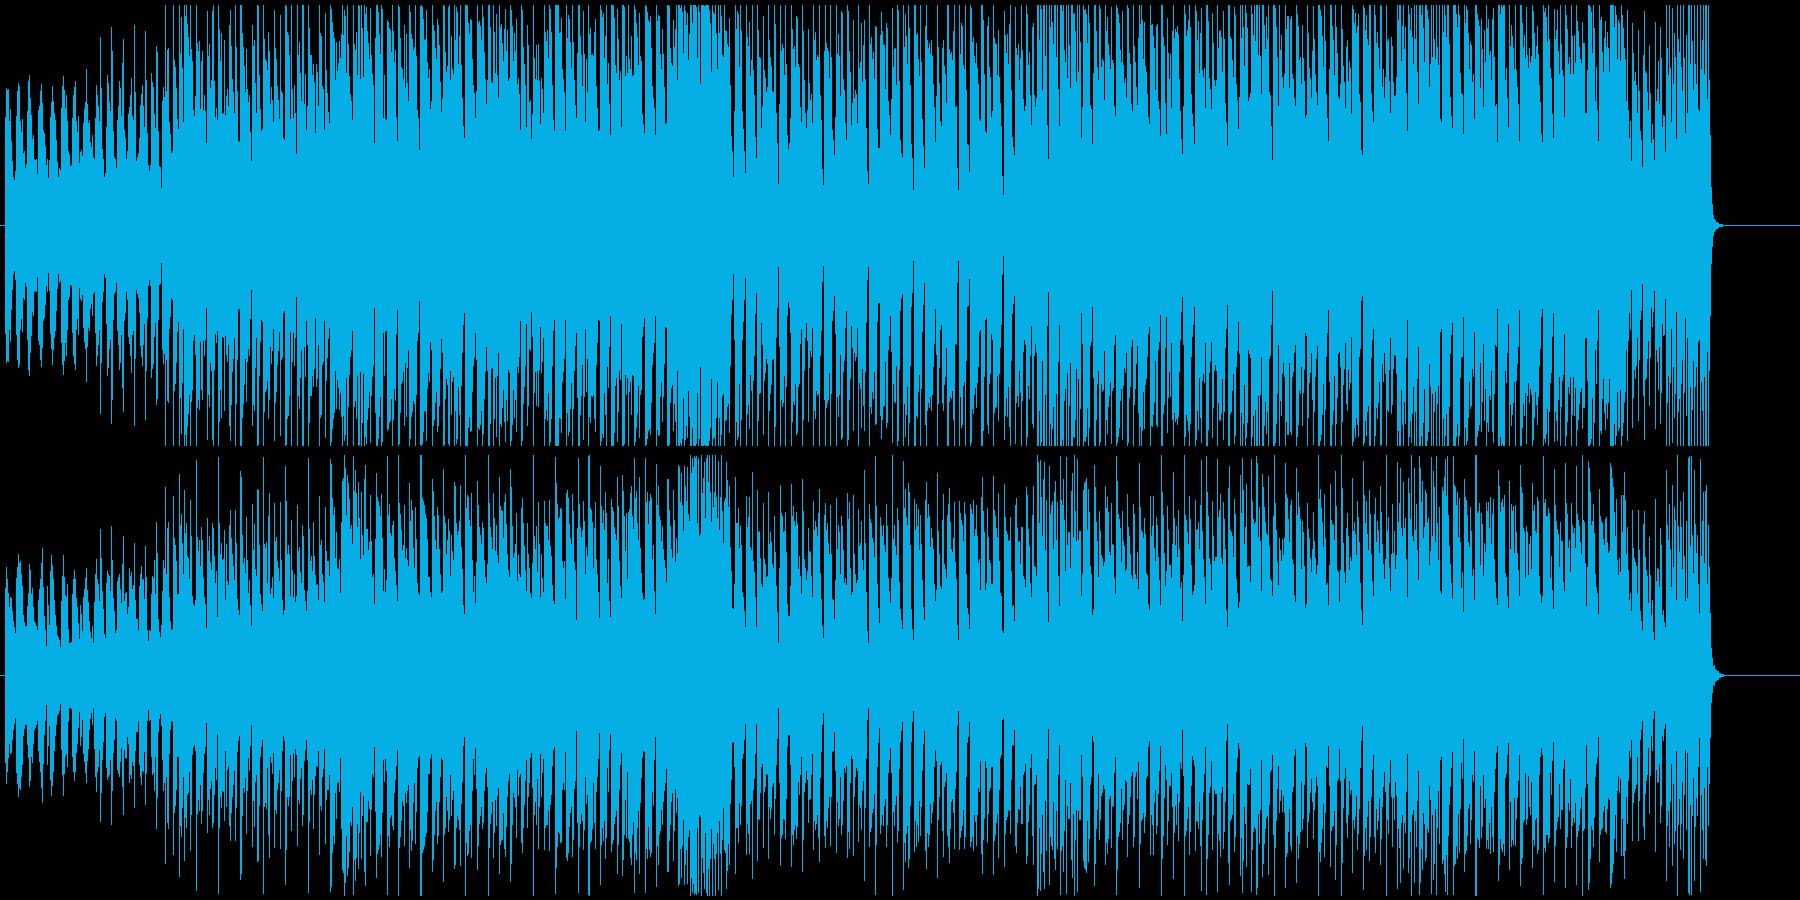 激しくインパクトあるメロディーの再生済みの波形